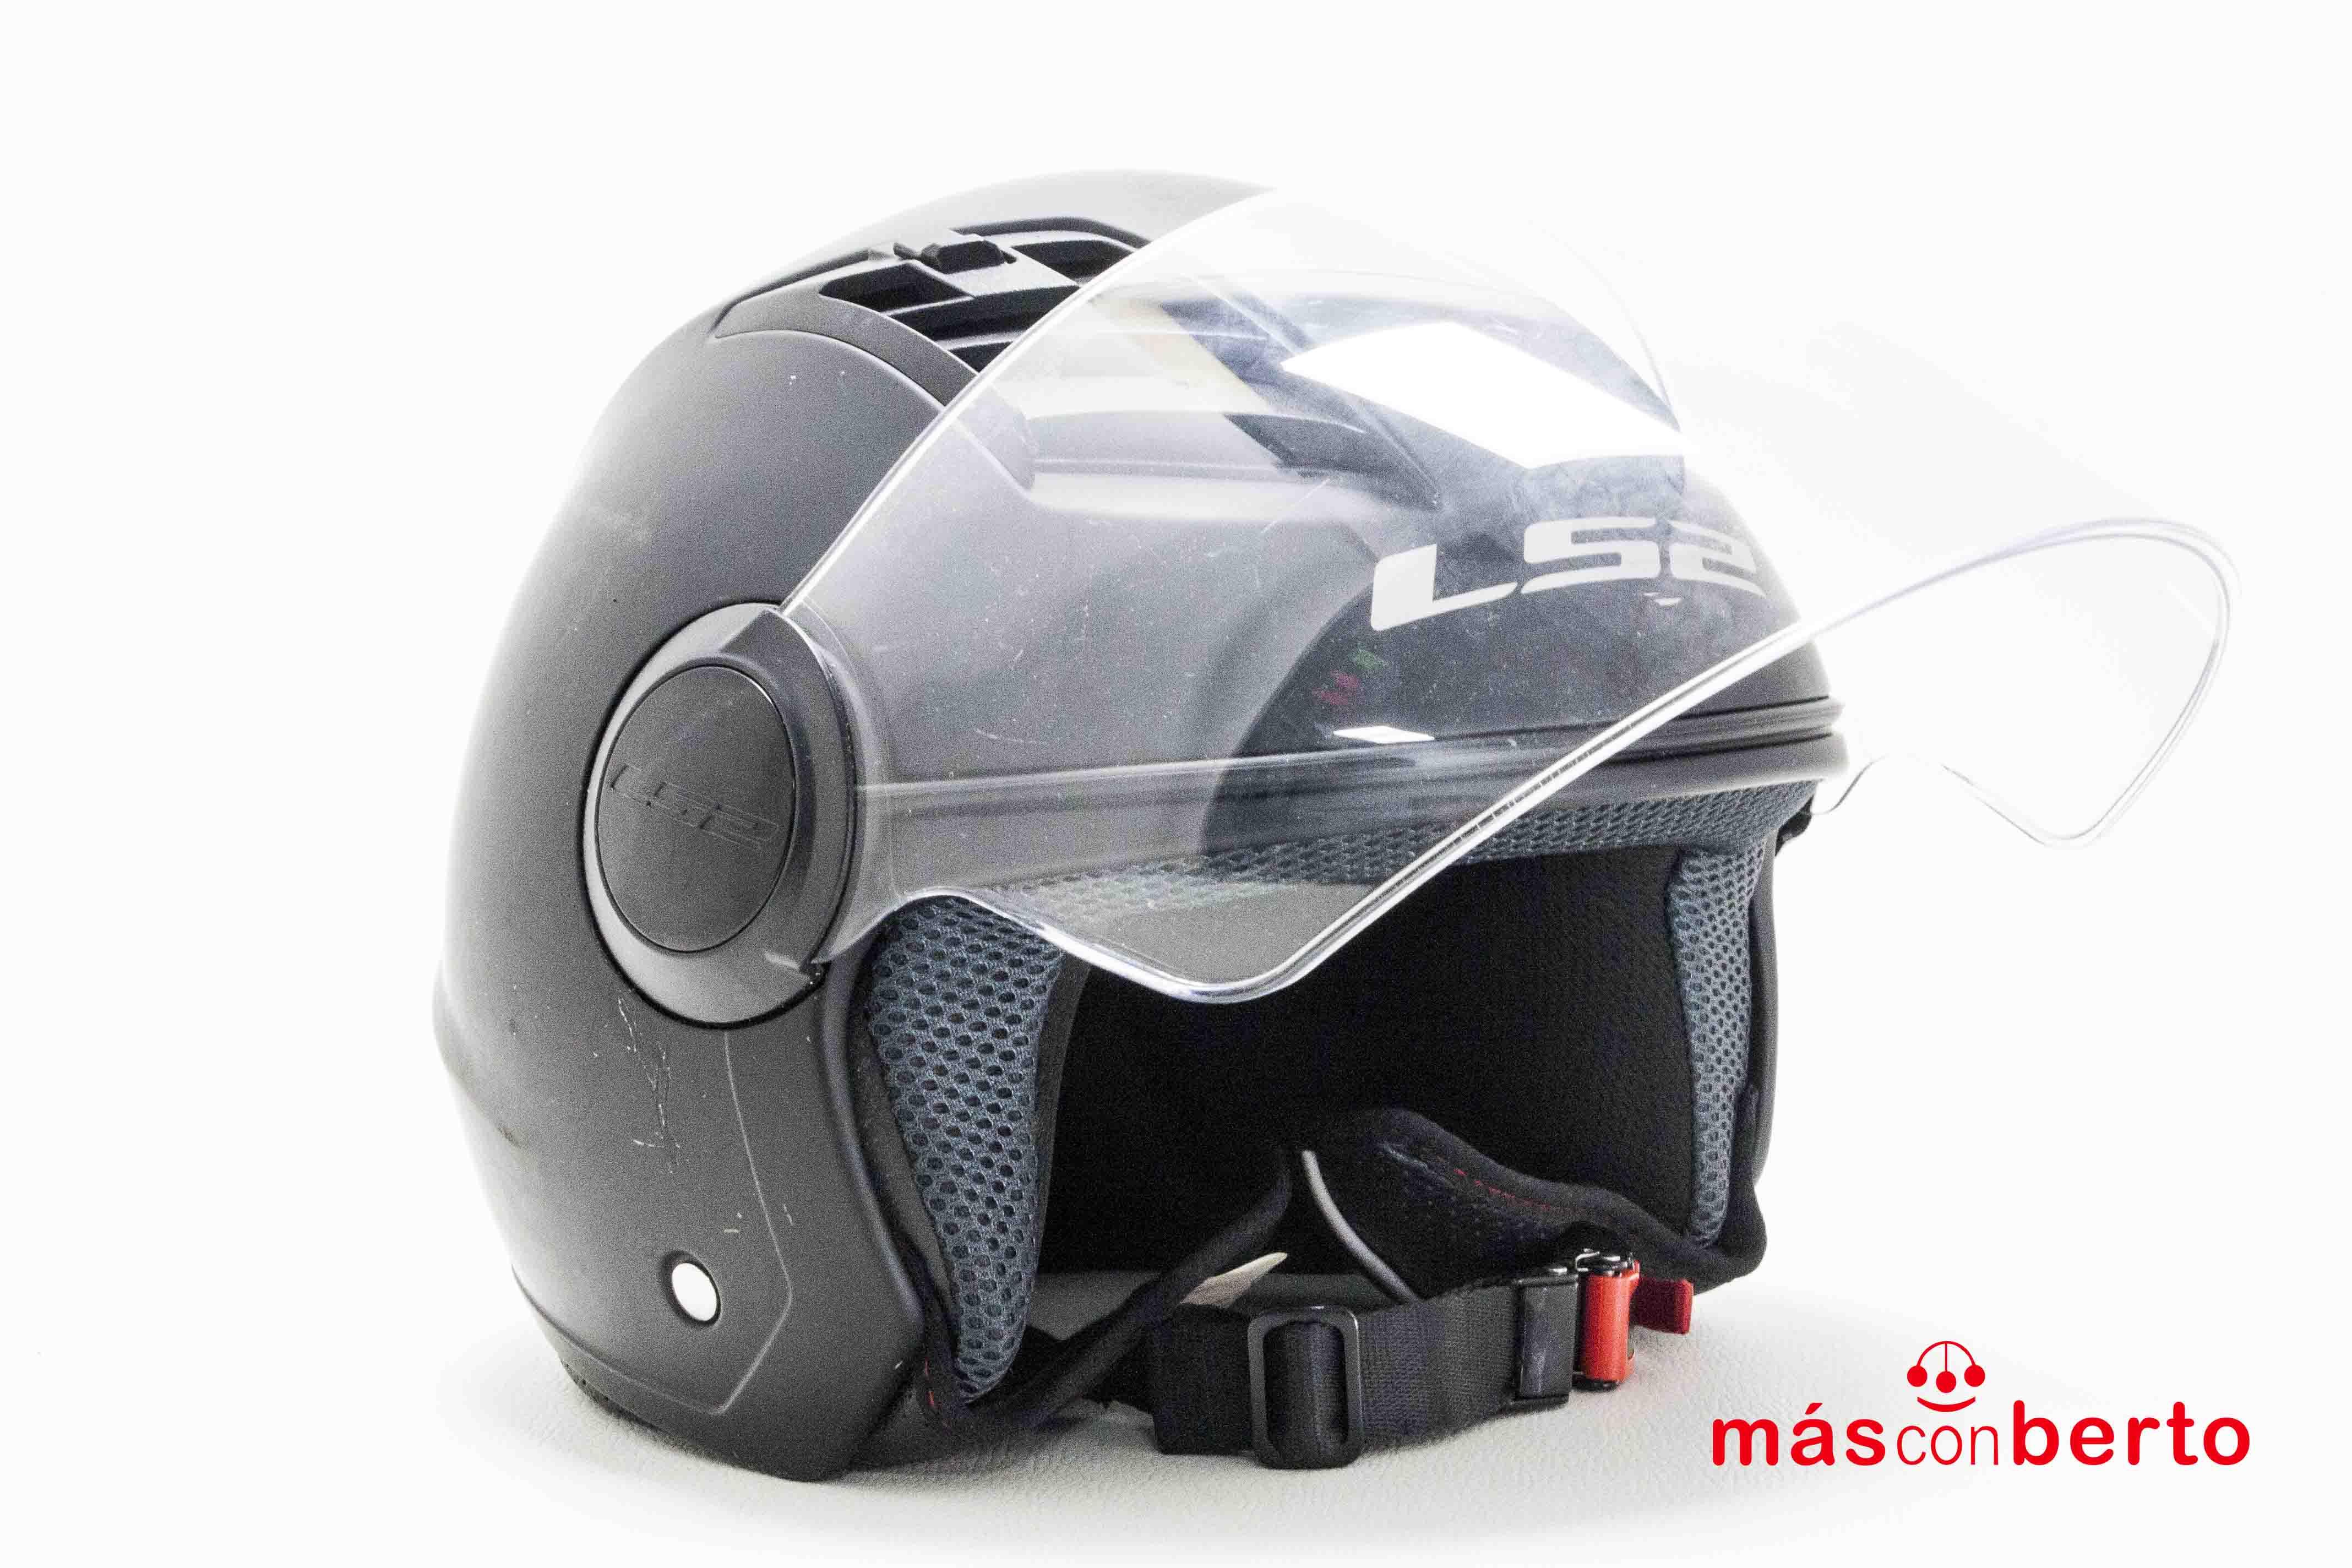 Casco moto LS2 talla XXL